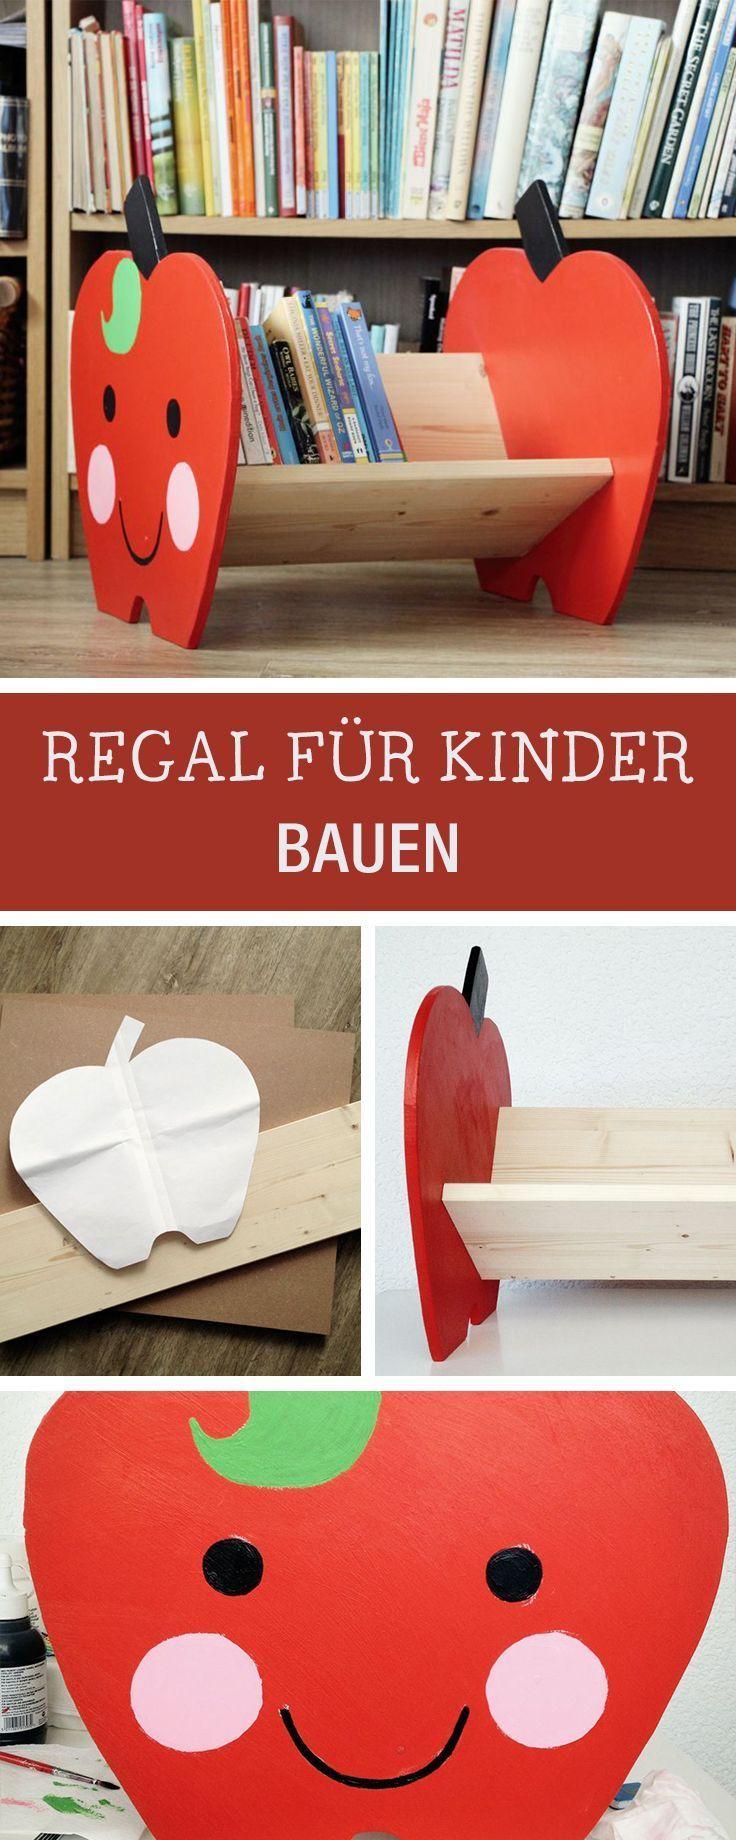 Malerisch Möbel Für Kinder Foto Von Diy Möbel: Witziges Regal Für Bauen /